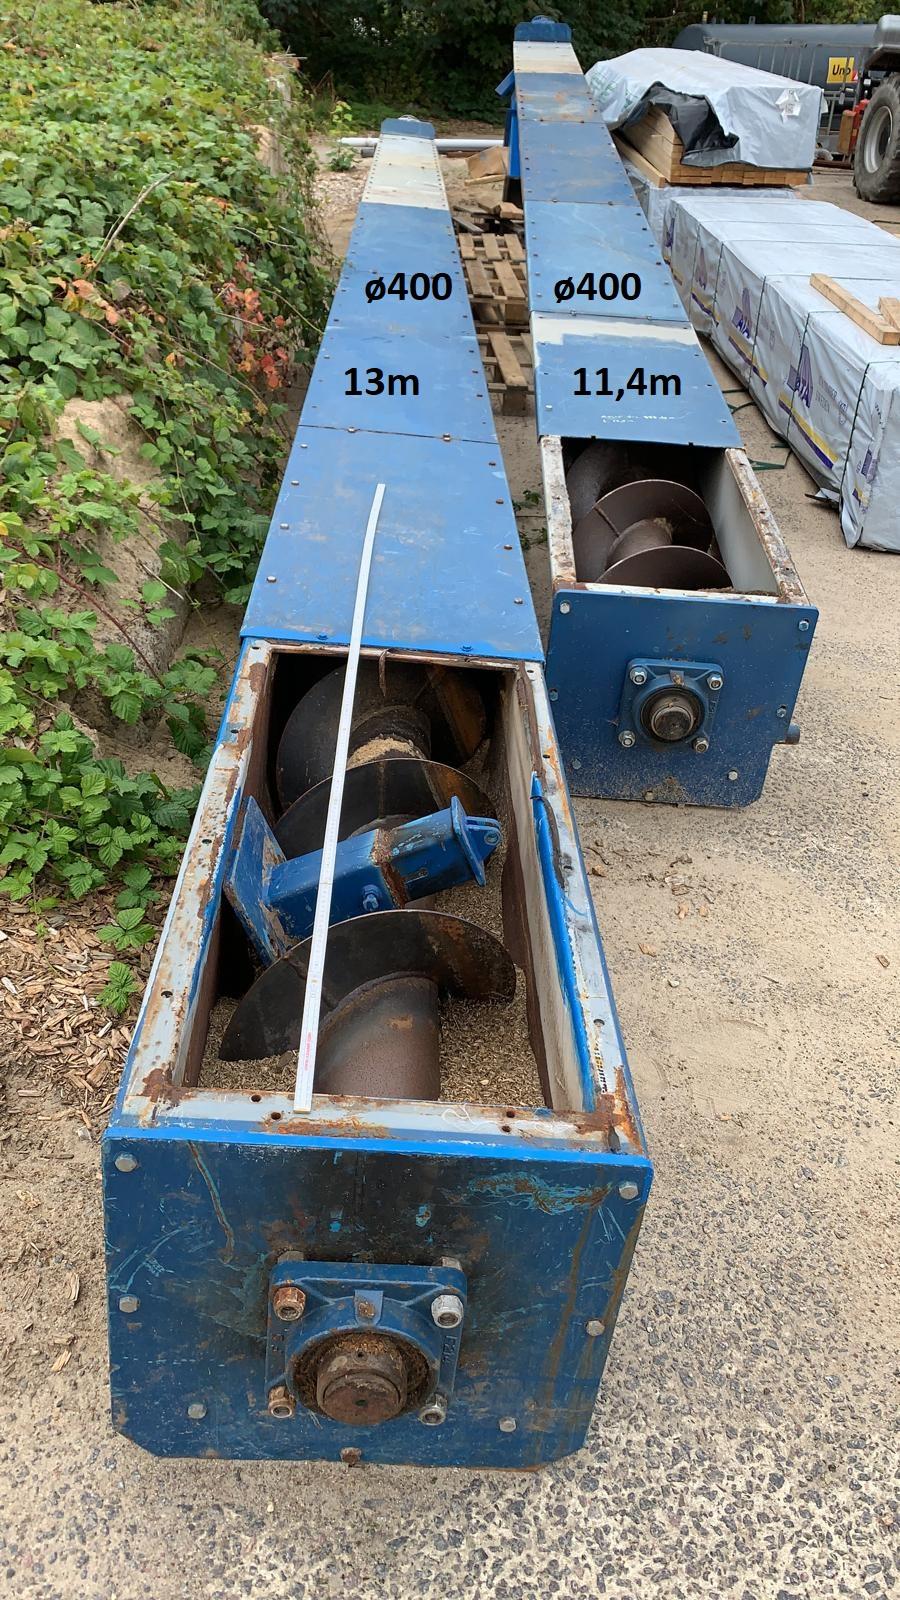 Trogförderschnecke DN 400 x 13.000 mm